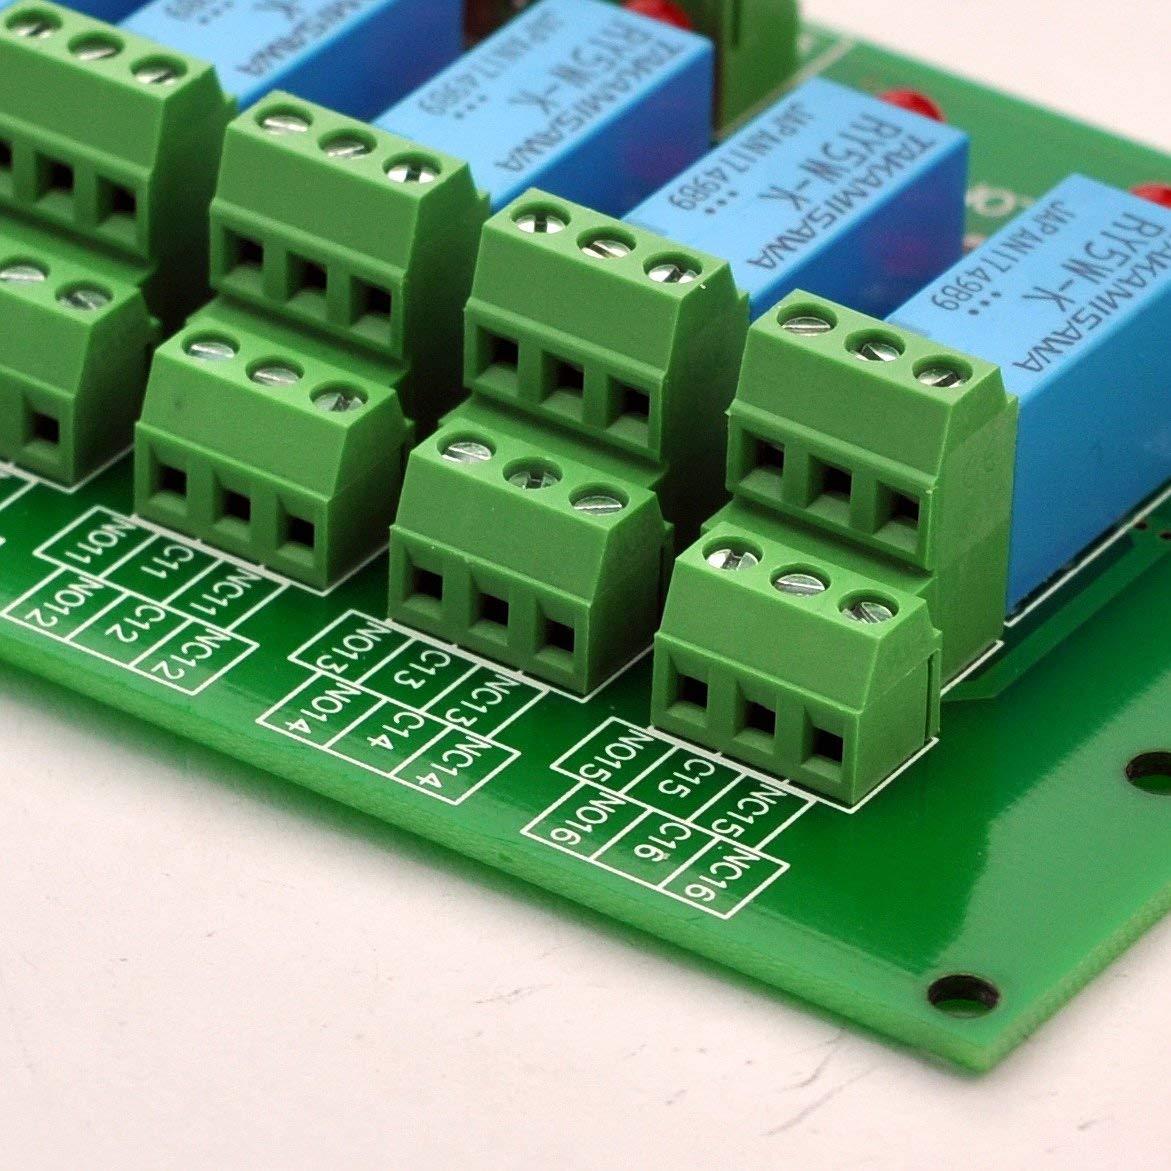 CC 5 V Version Electronics-Salon 8 Signal Module relais DPDT Planche pour pic Arduino 8051 MCU AVR.